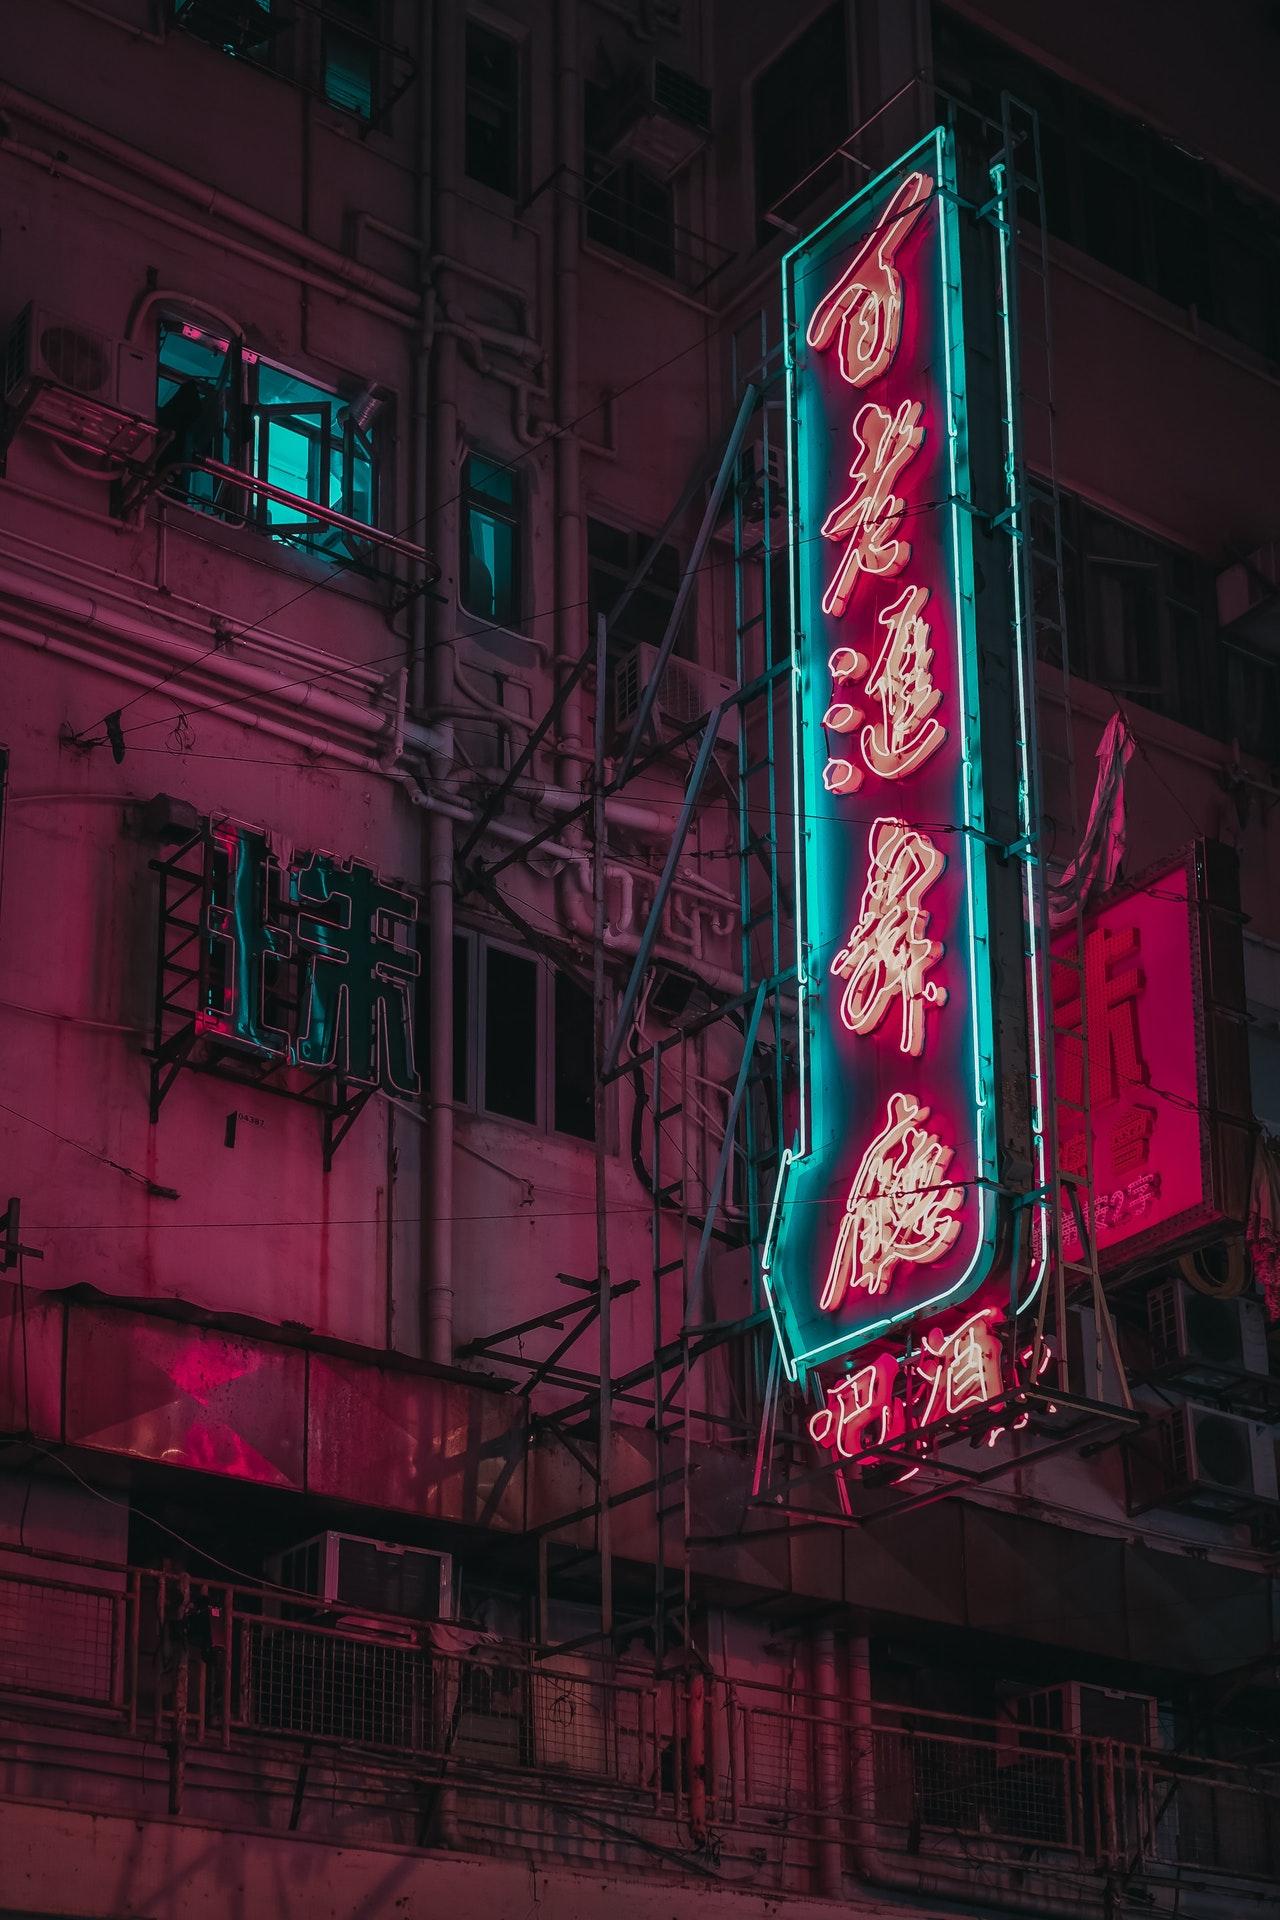 A night club signboard